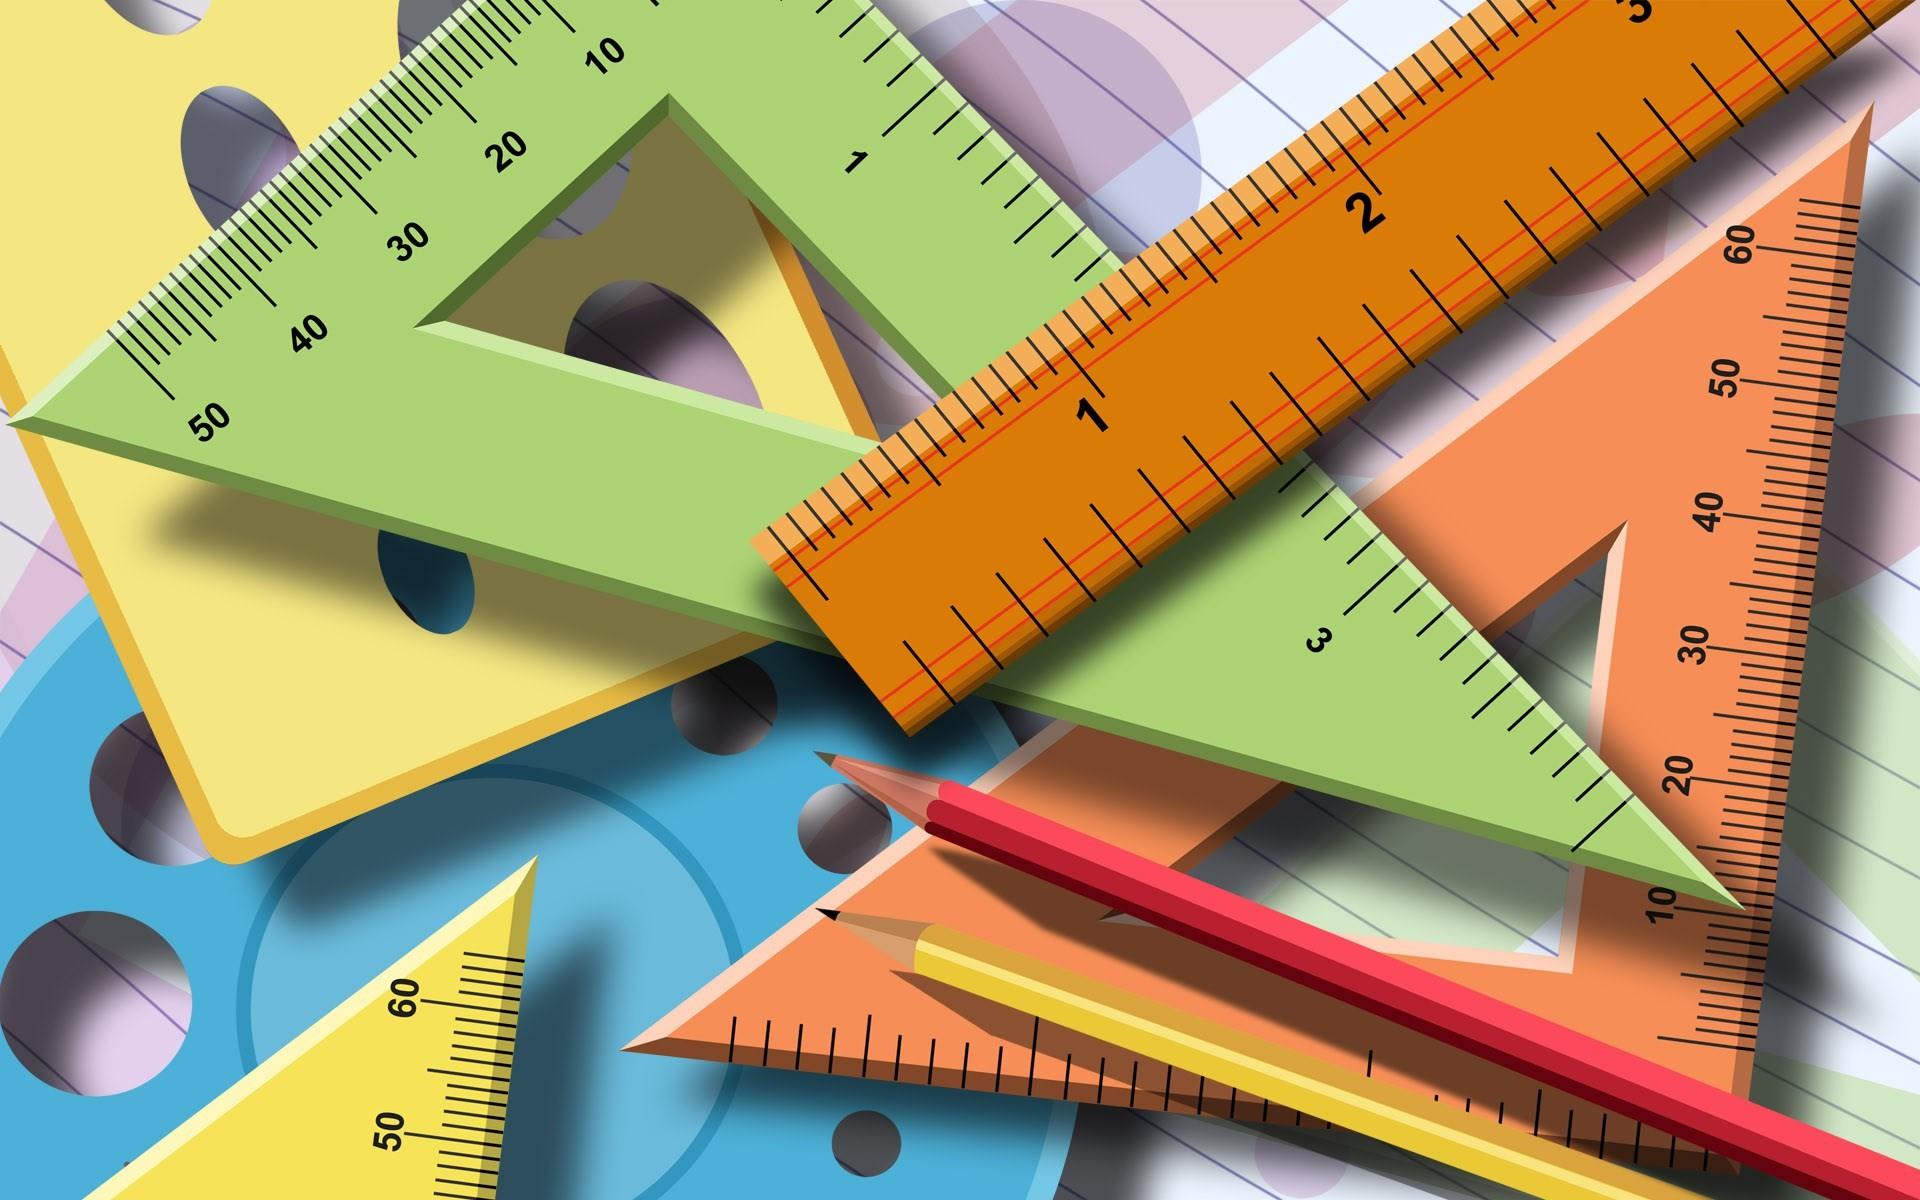 Good Wallpaper High Resolution Mathematics - 94261  Photograph_402248.jpg